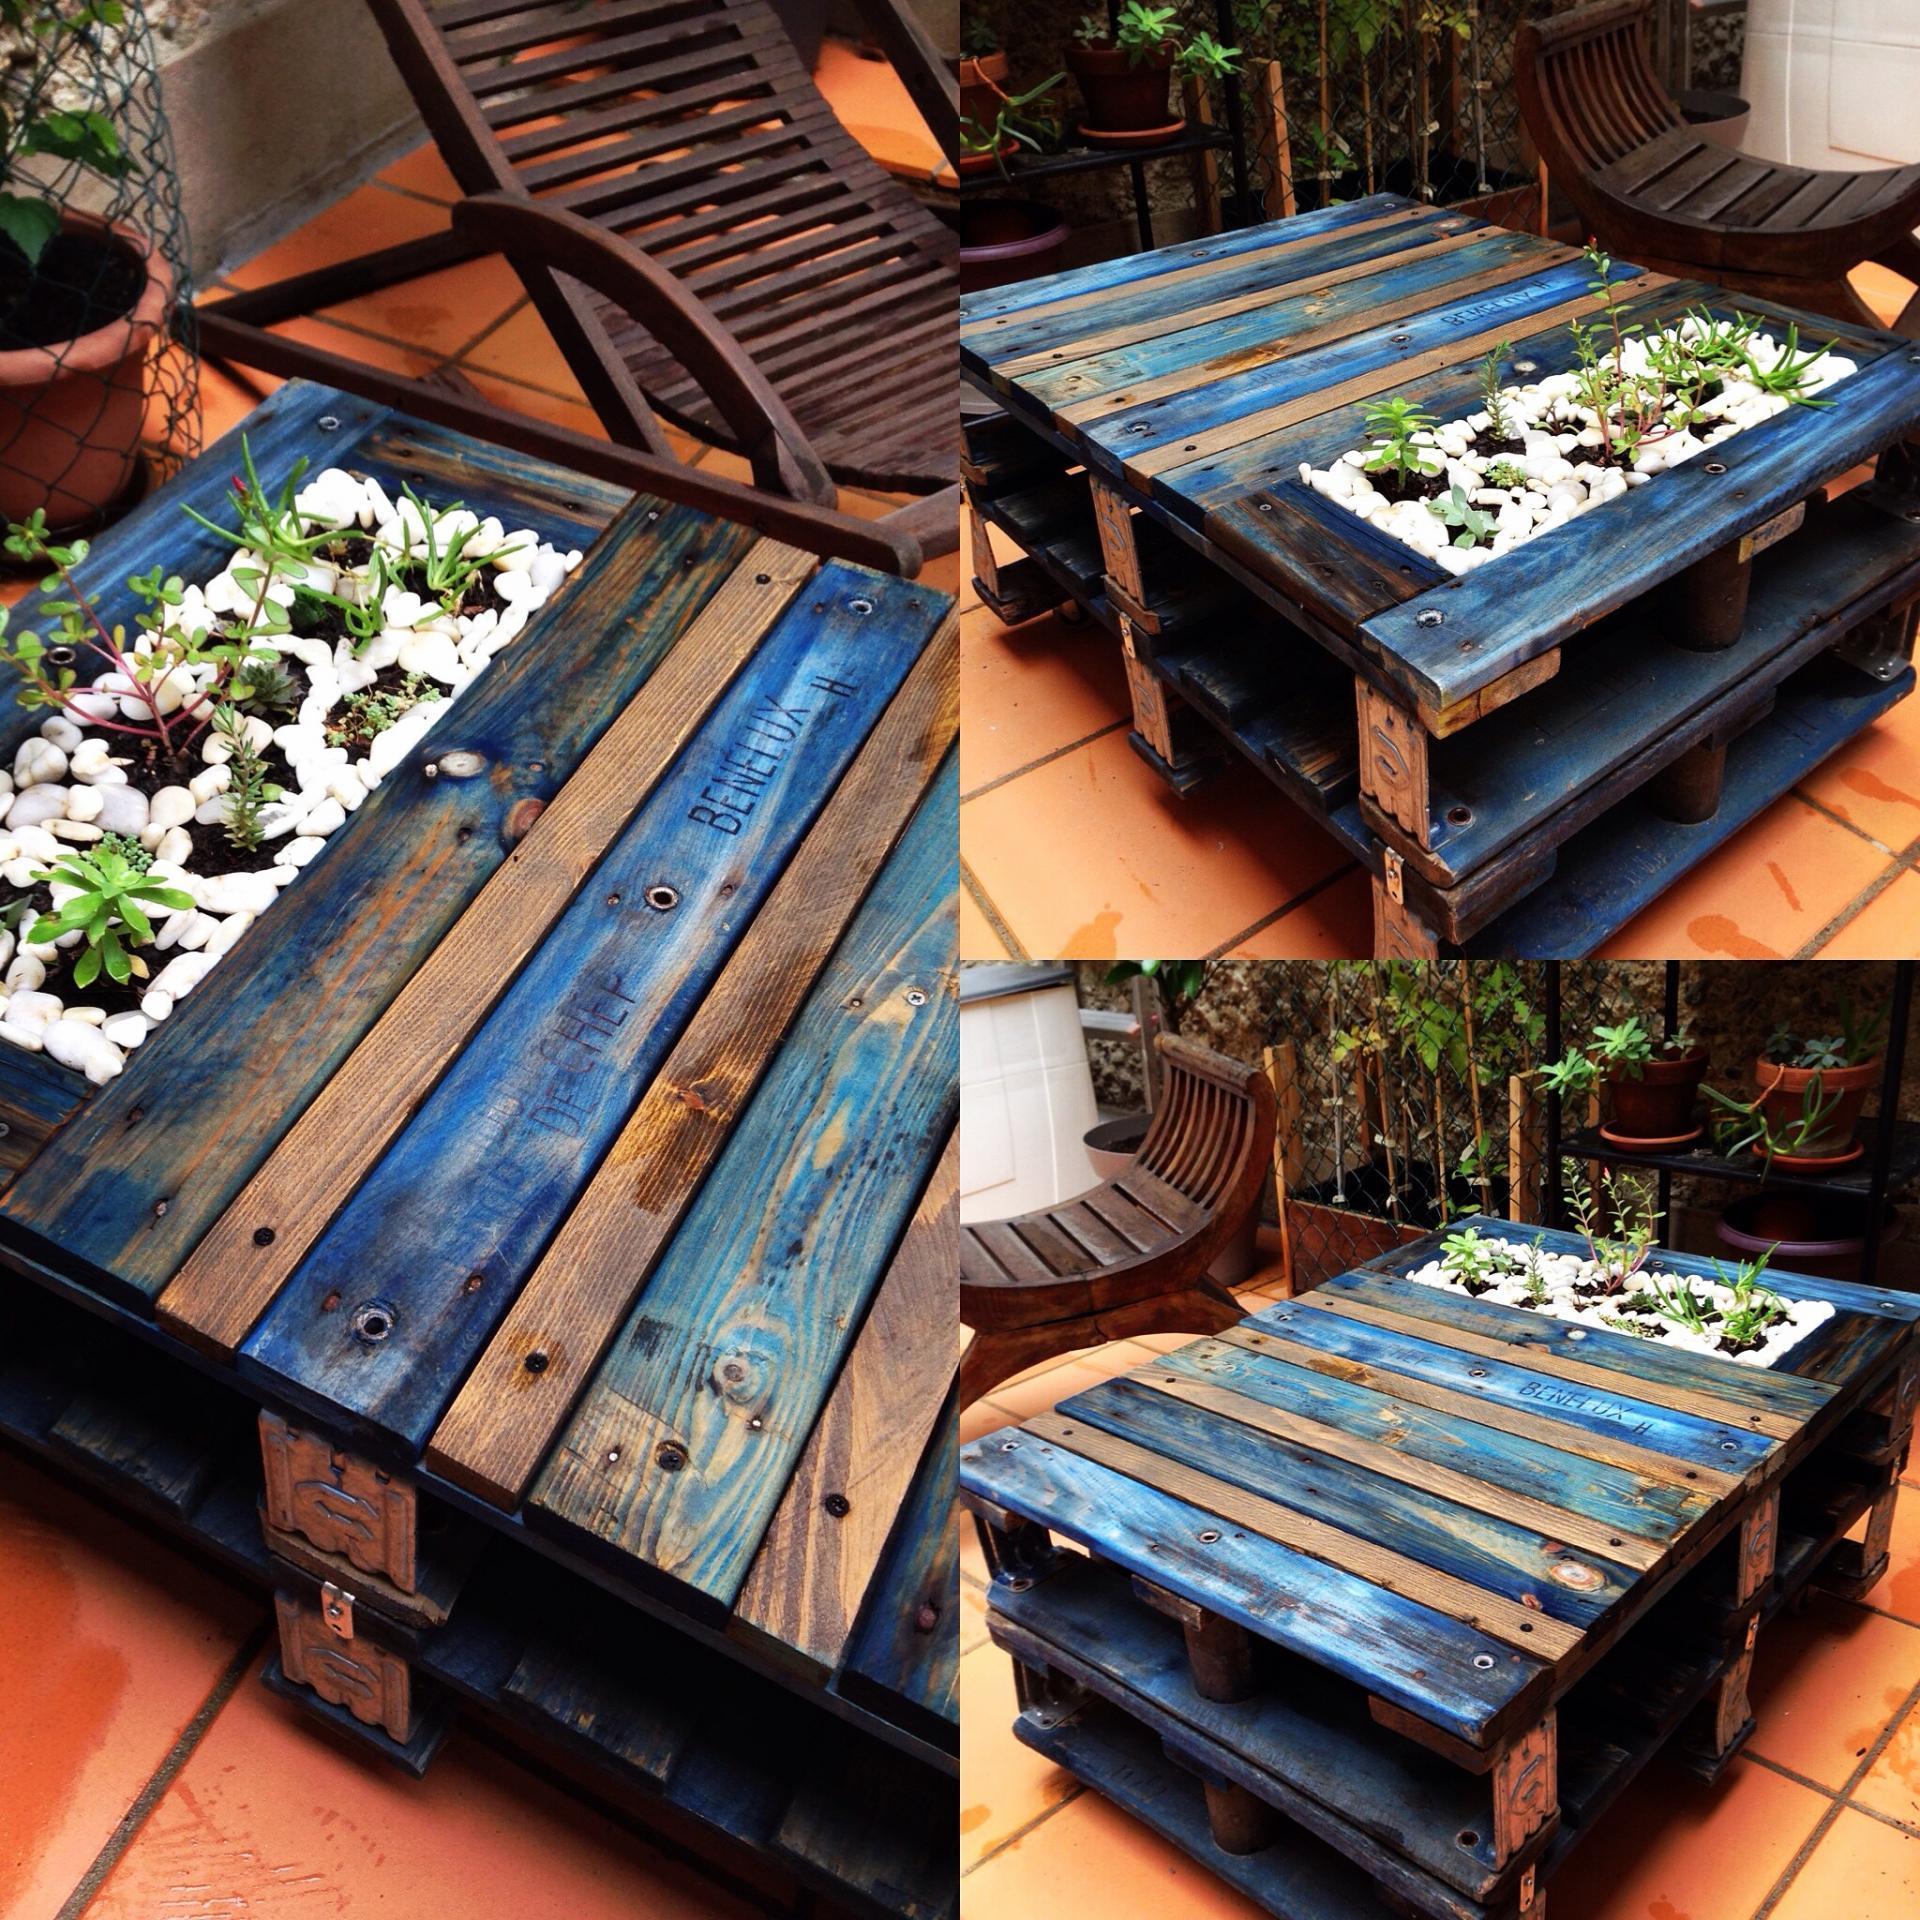 Table basse palette jardin - emberizaone.fr